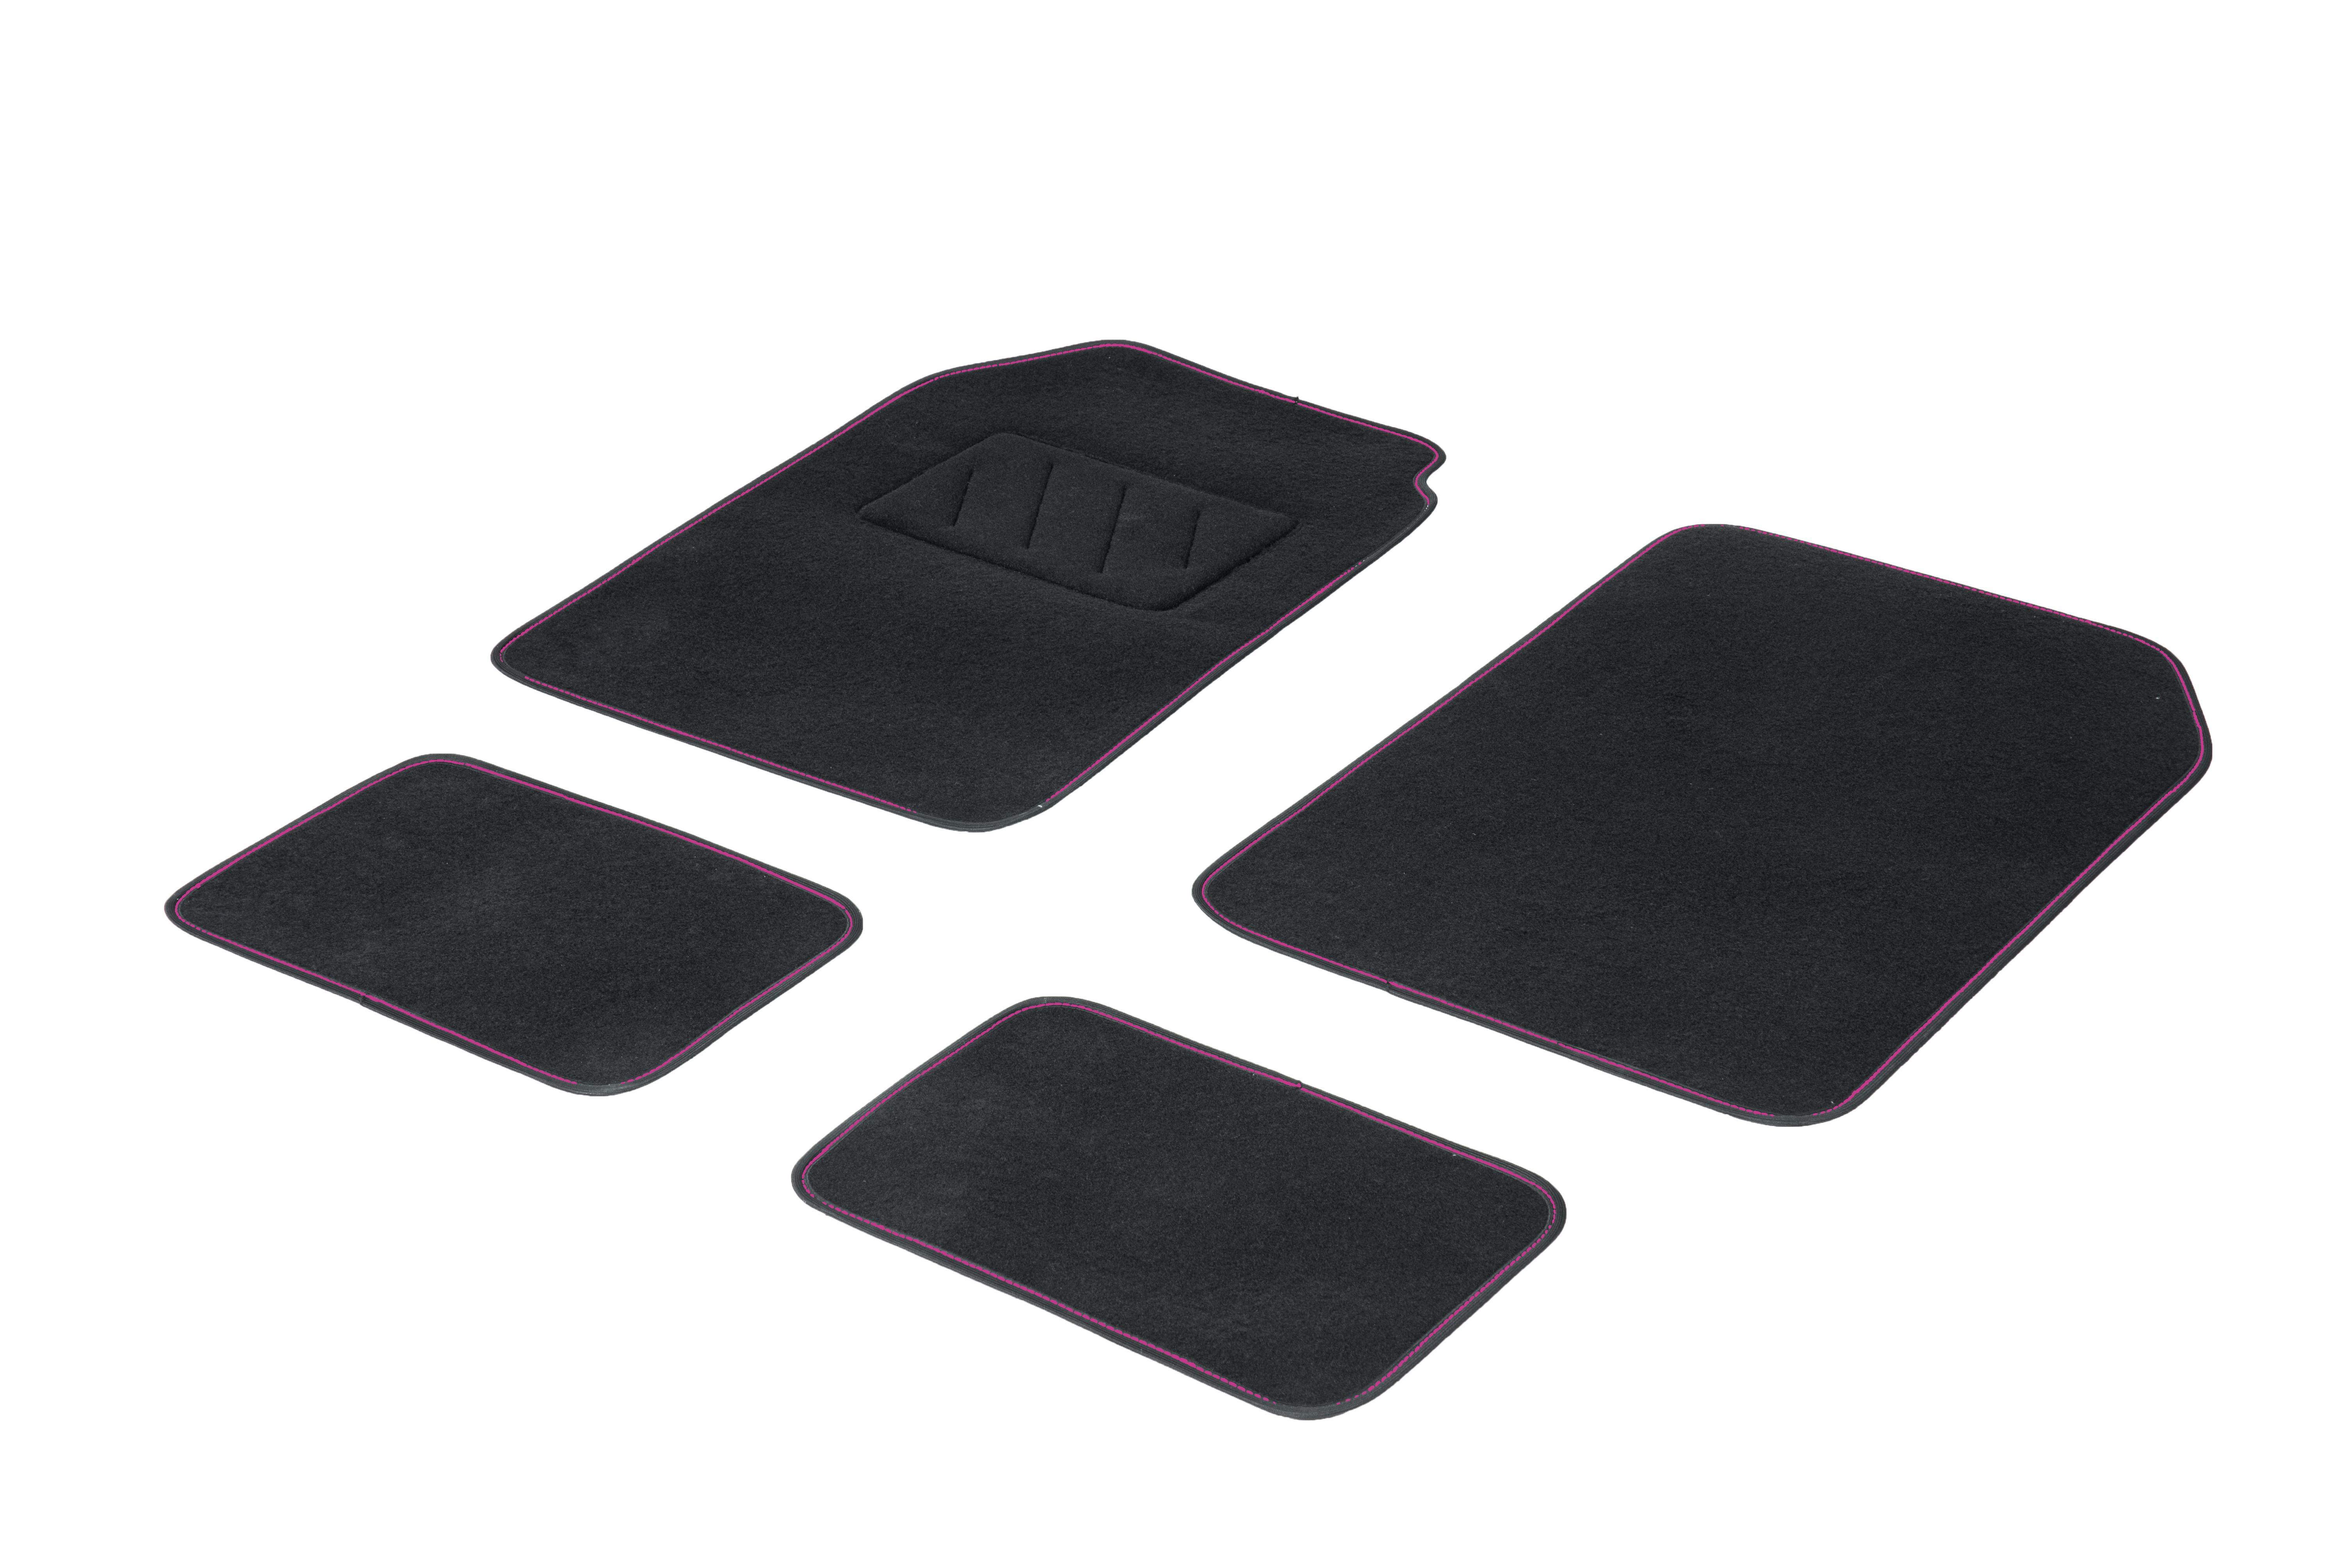 01765718 DBS Universelle passform Textil, vorne und hinten, Menge: 4, schwarz, rosa Größe: 73х46 Fußmattensatz 01765718 kaufen